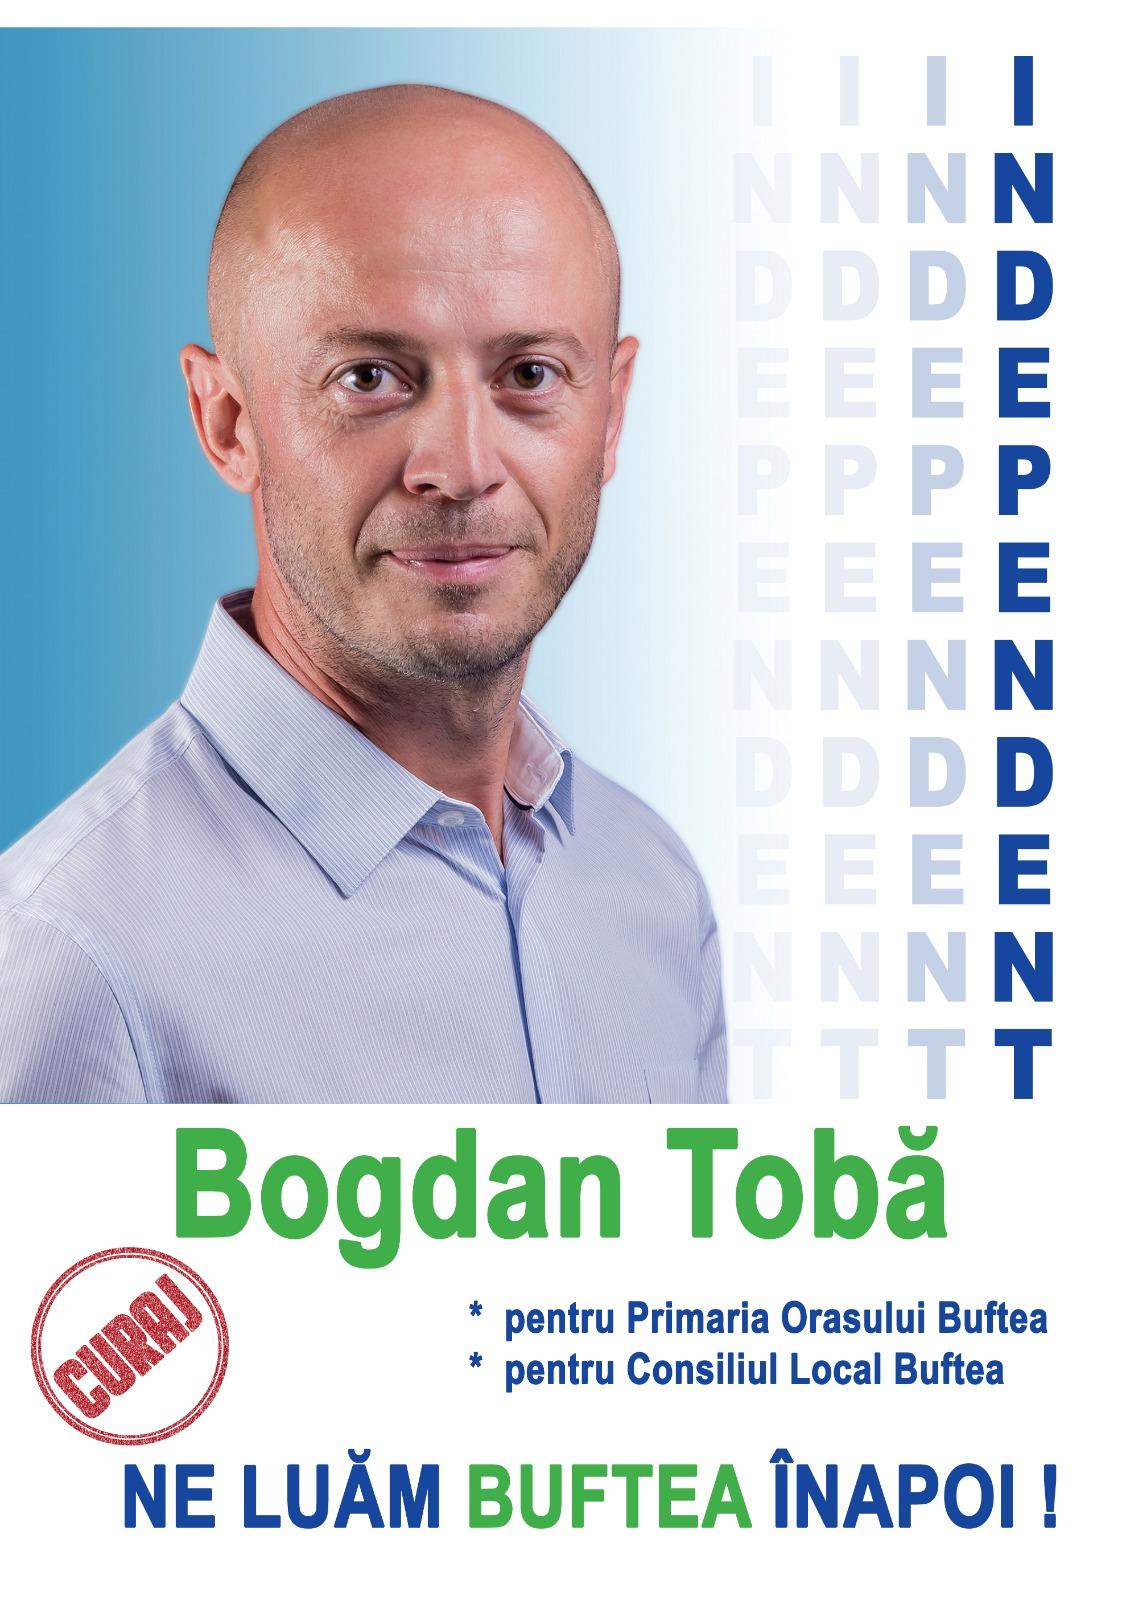 Proiect de candidatură - Bogdan Tobă  #100proiecte #pentruBuftea